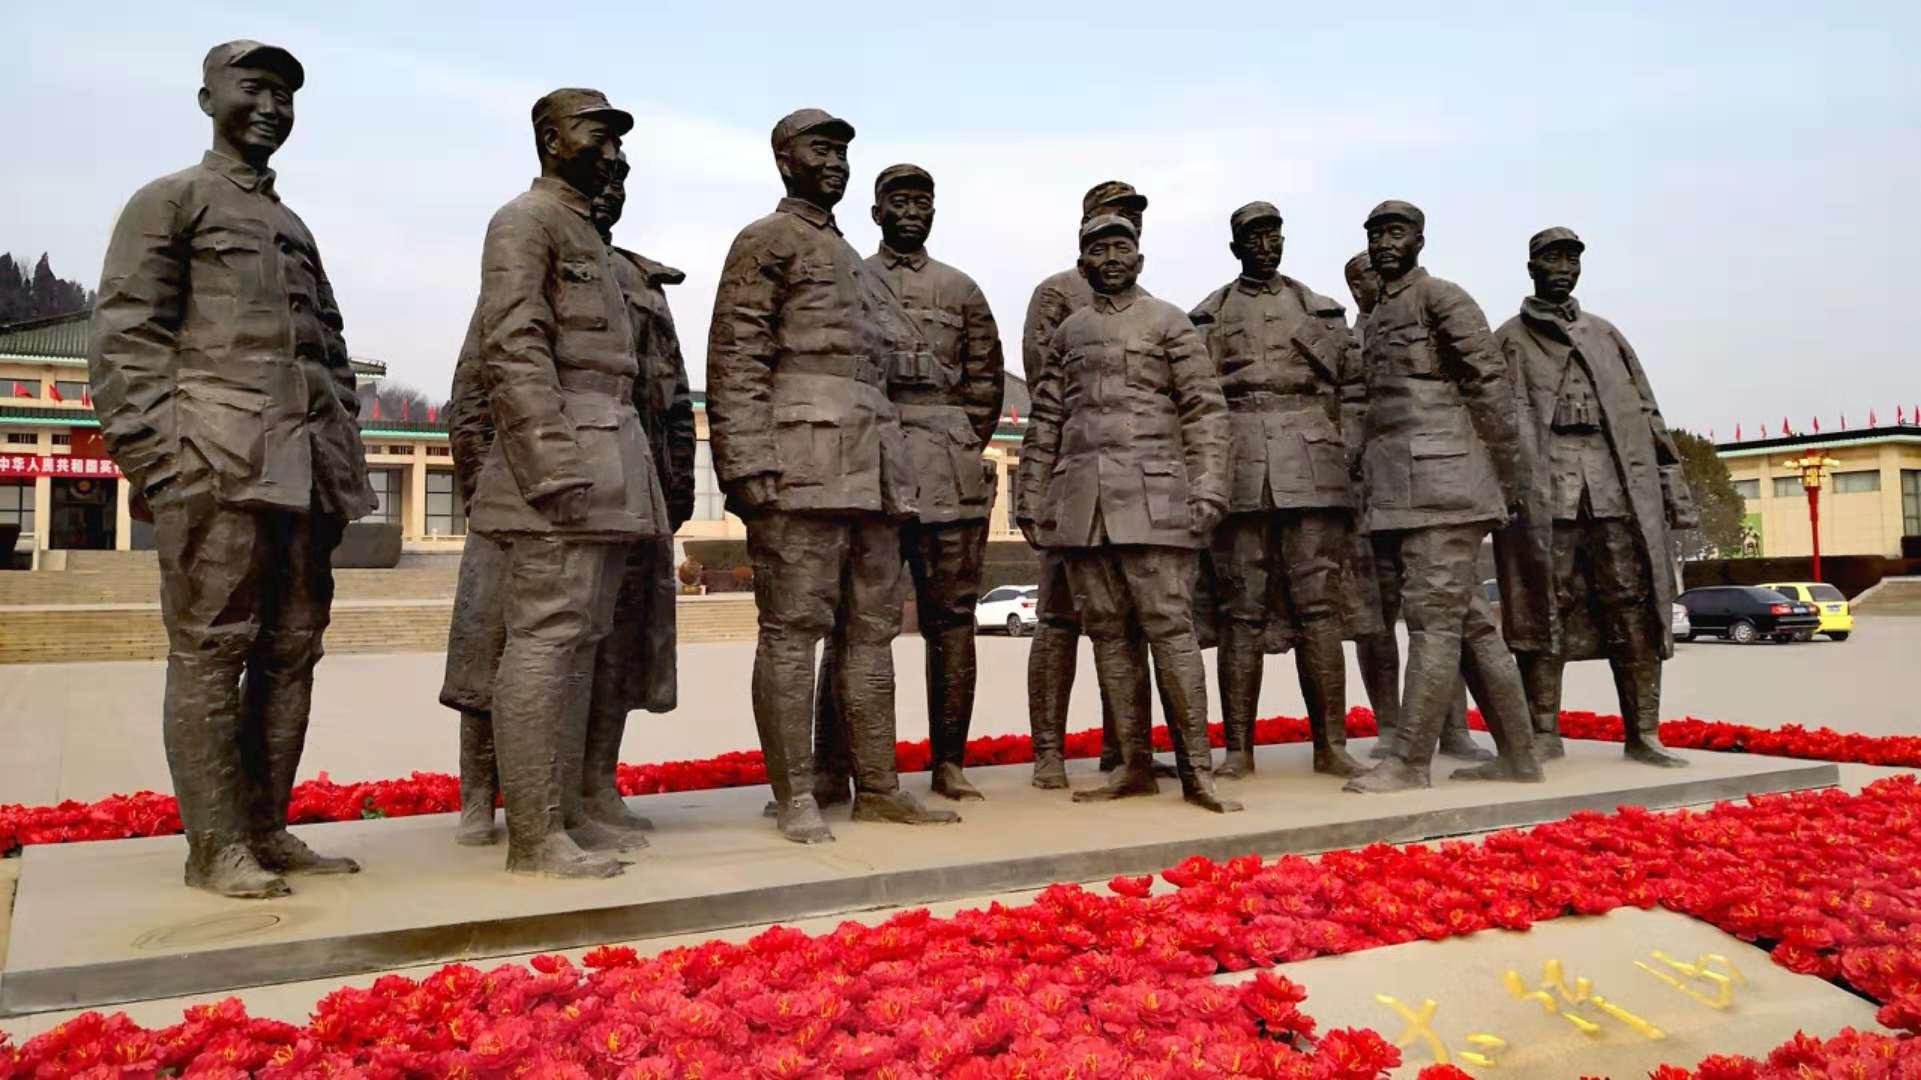 八路军太行纪念馆 重温抗战历史,触摸红色太行